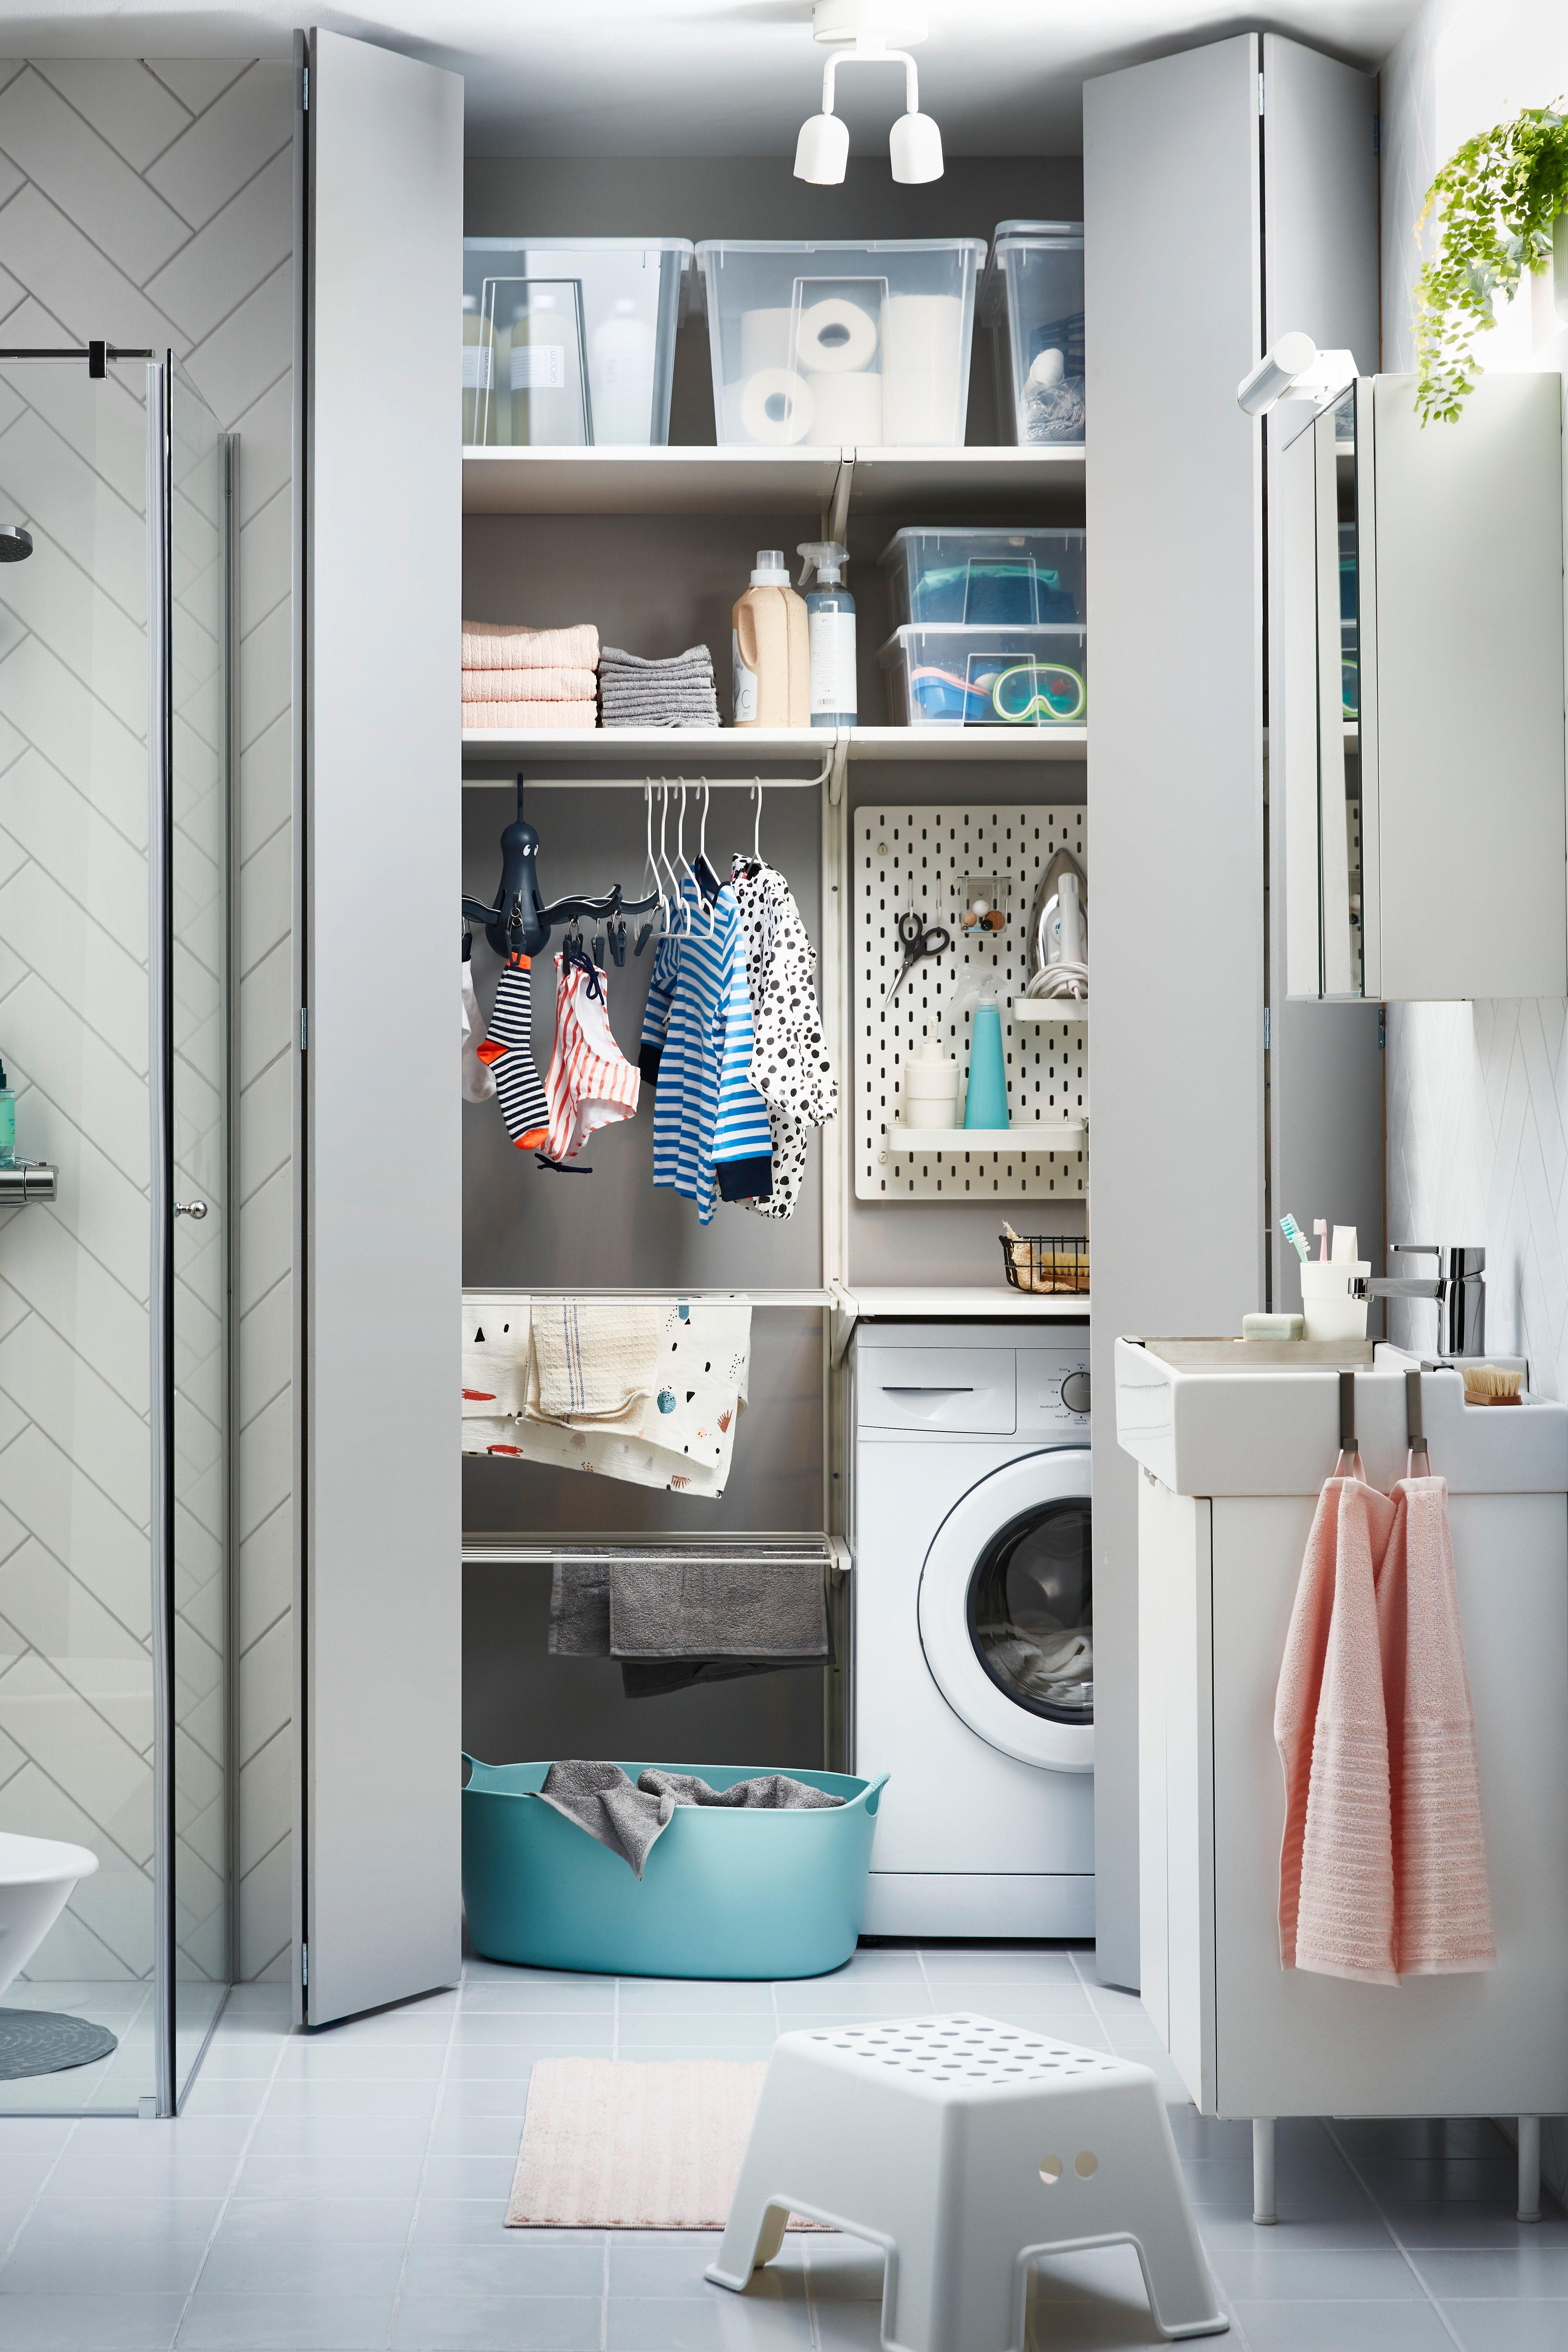 Flexibles Schranksystem - ALGOT System  Schrank waschmaschine